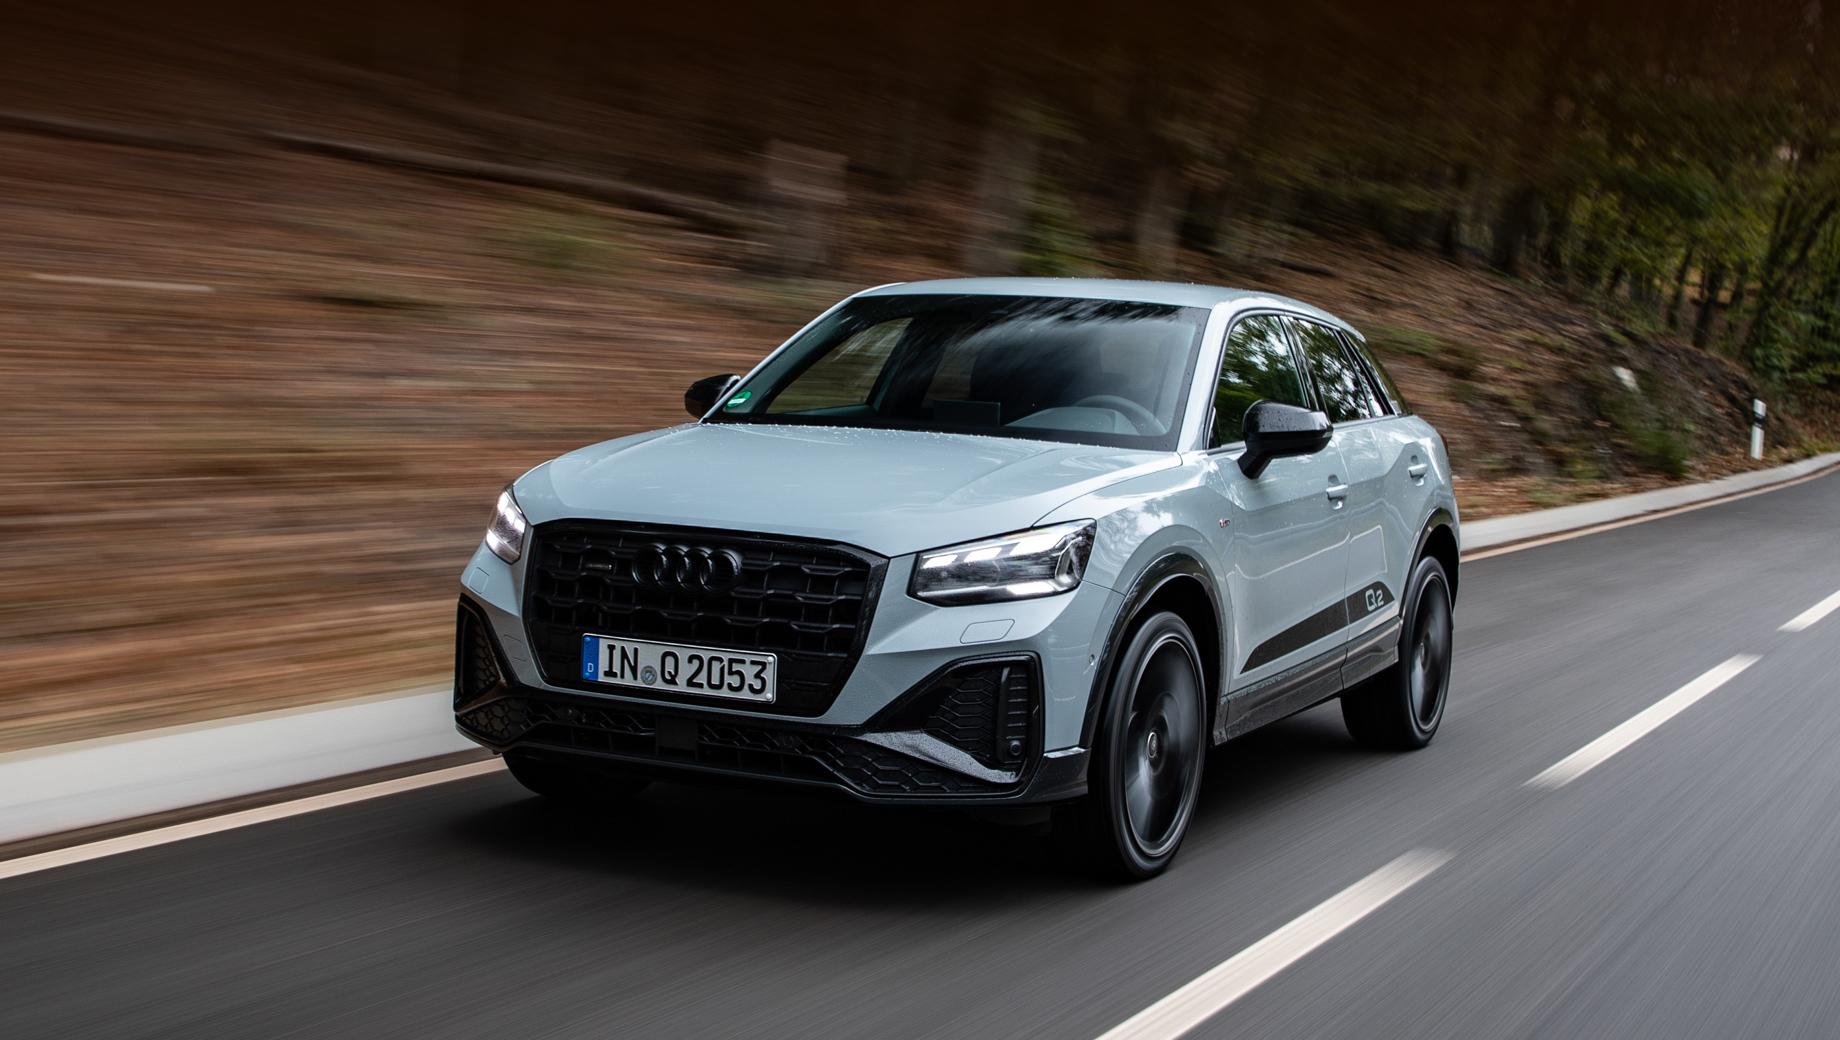 Audi q2. В Европе Q2 разбирают неплохо. В 2017-м продано 81 426 штук, в 2018-м — 78 096, в 2019-м — 78 335, а за восемь месяцев 2020-го — 37 161.